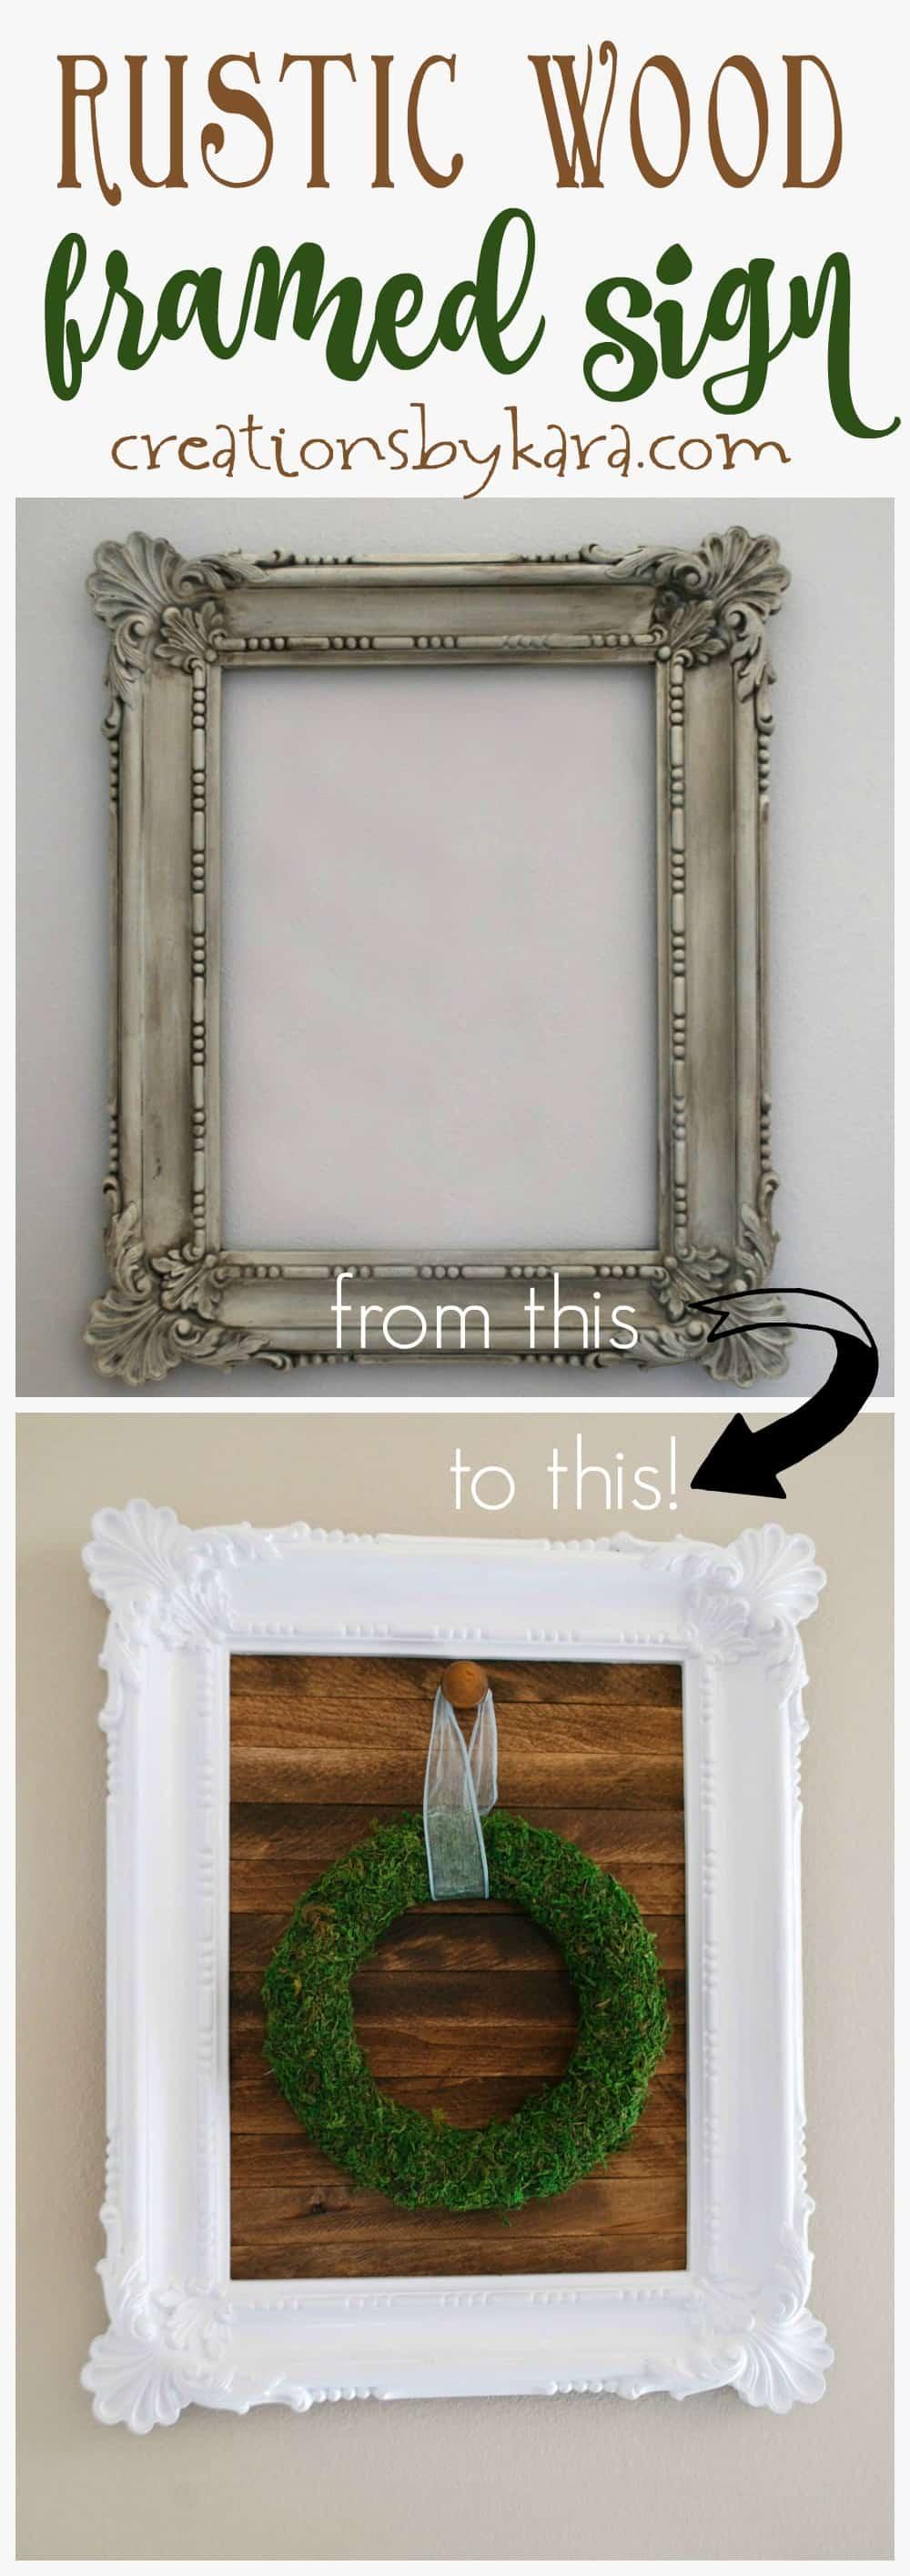 diy framed rustic wood sign. Black Bedroom Furniture Sets. Home Design Ideas